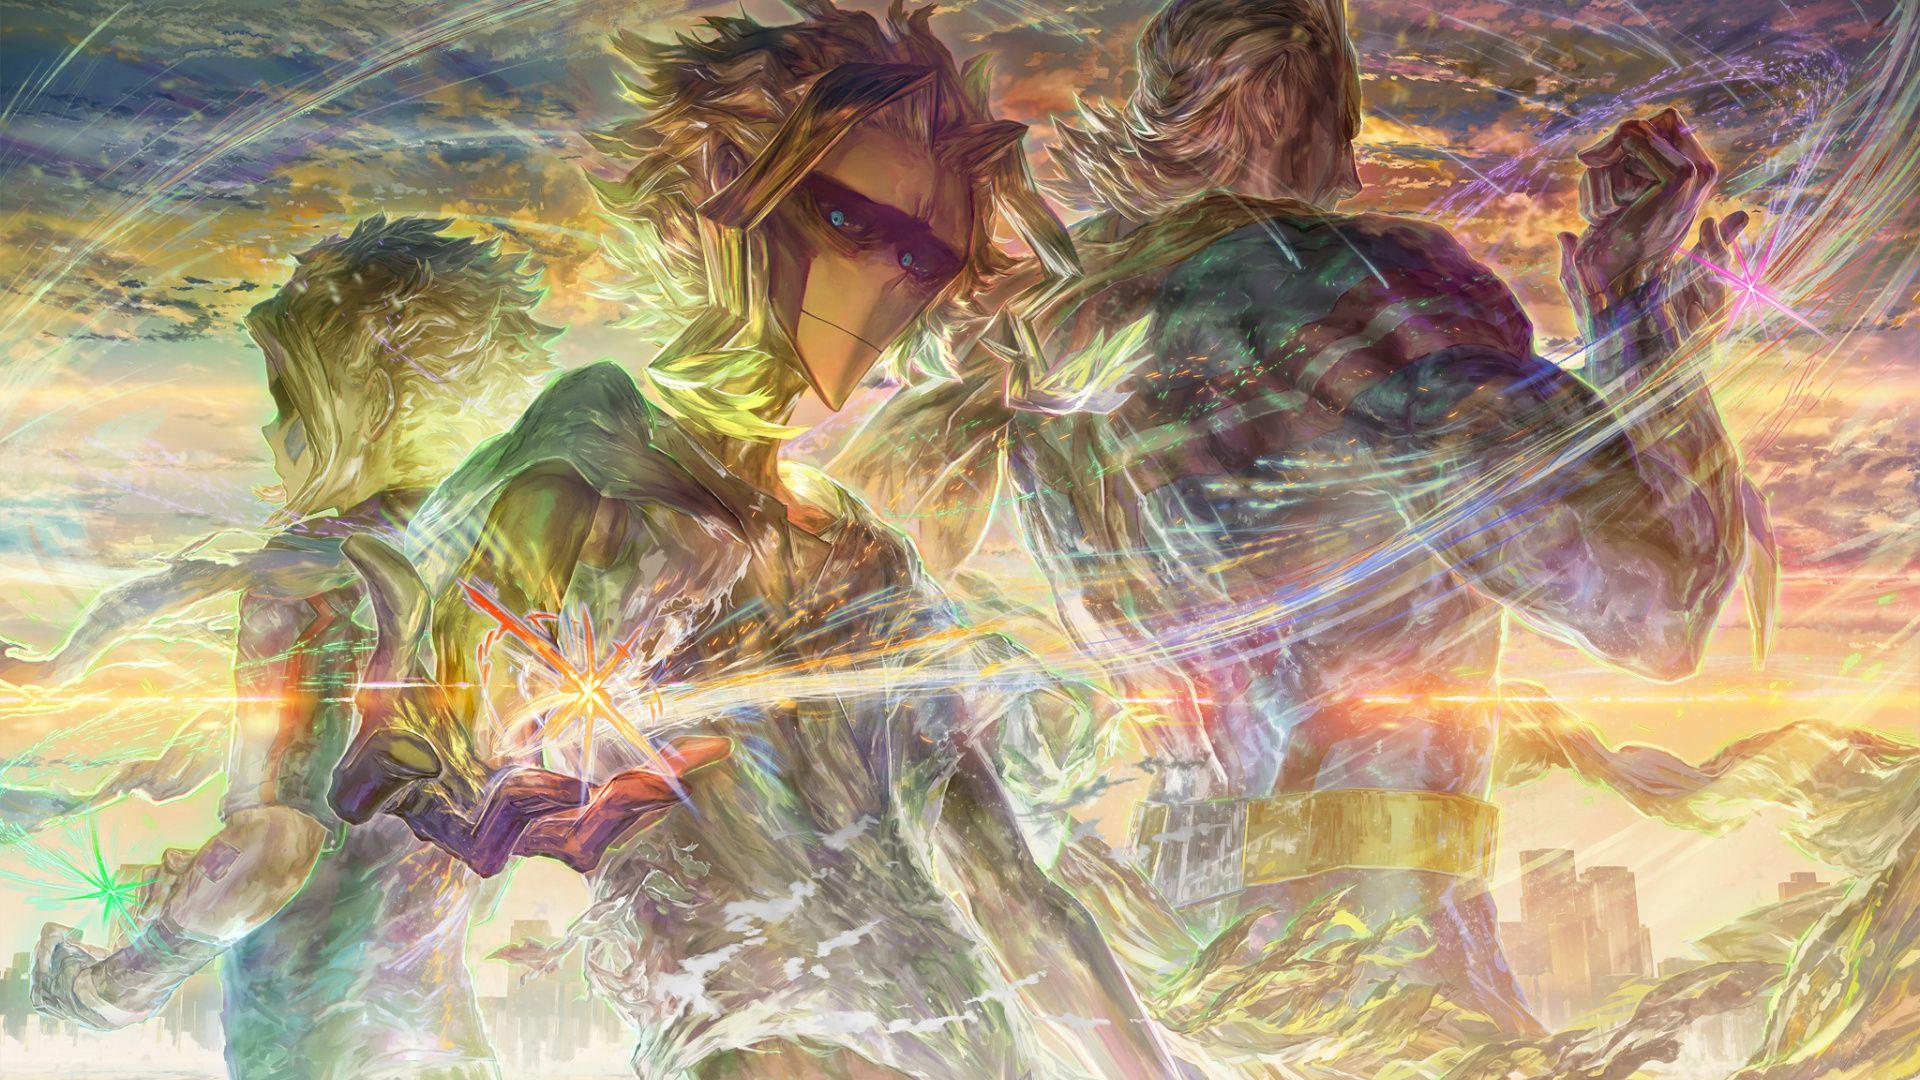 1920x1080 Wallpaper All Might Toshinori Yagi My Hero Academia Anime My Hero Academia My Hero Hero